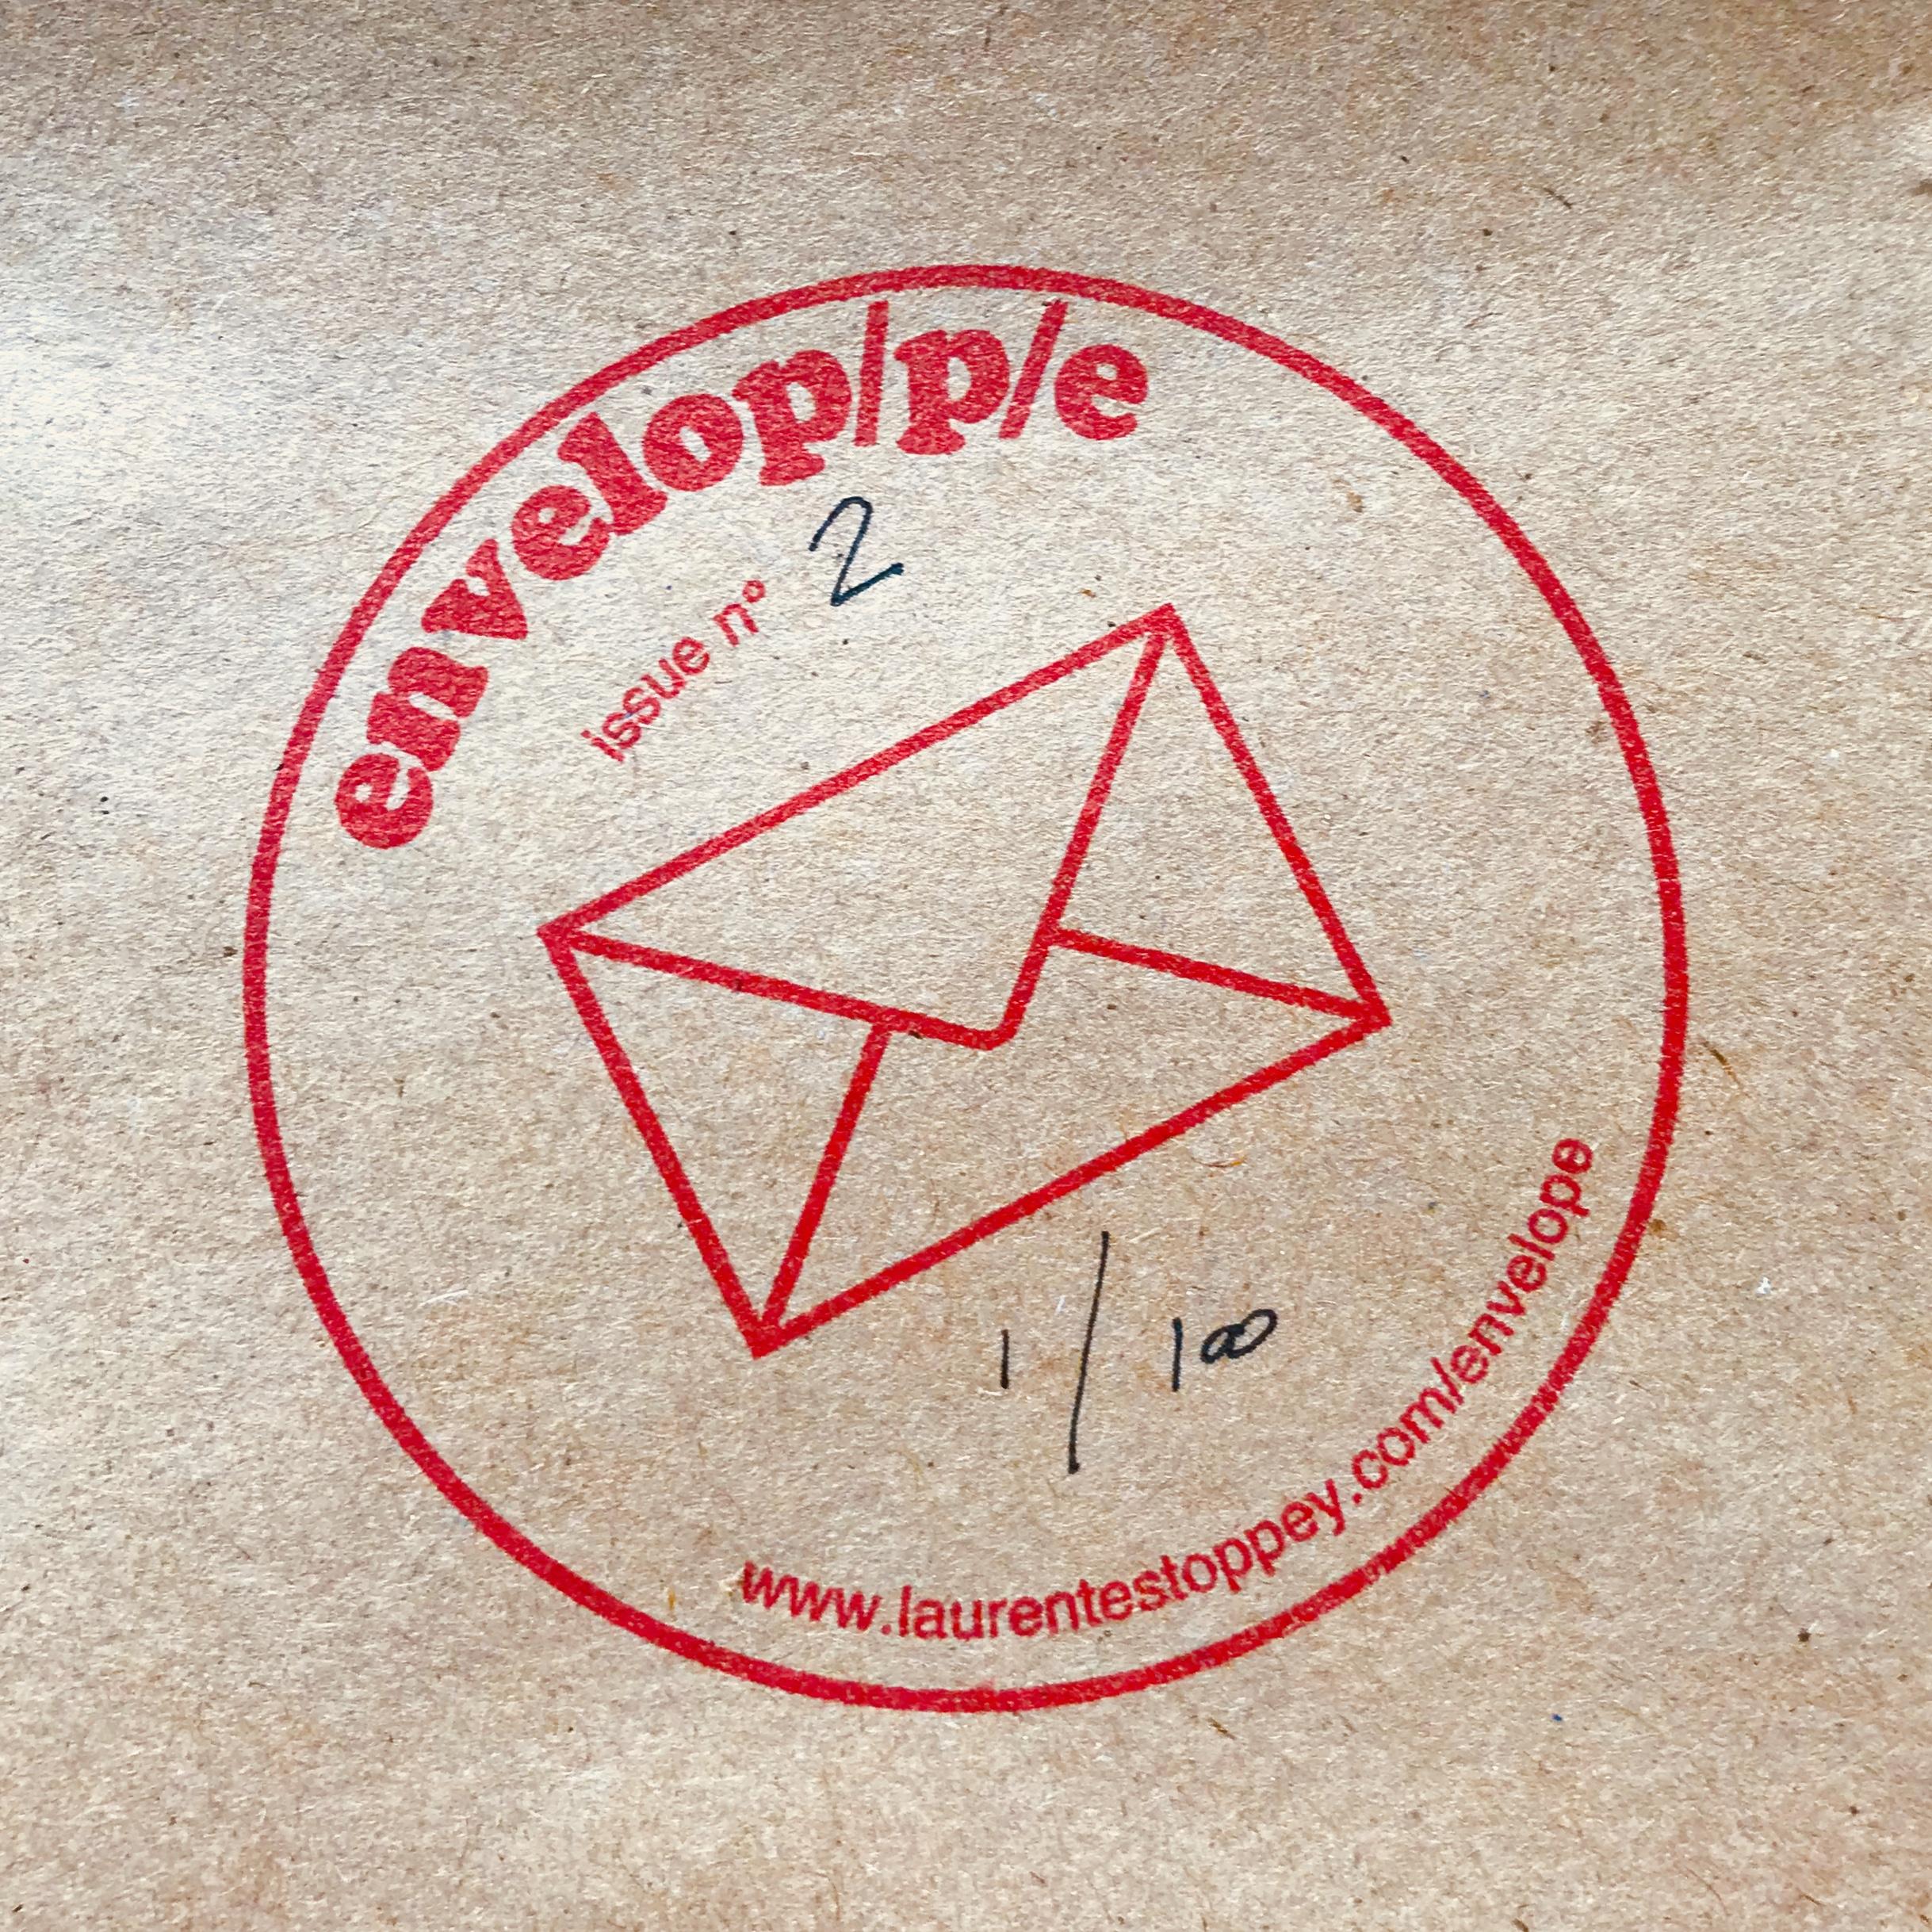 envelope 2 logo.JPG